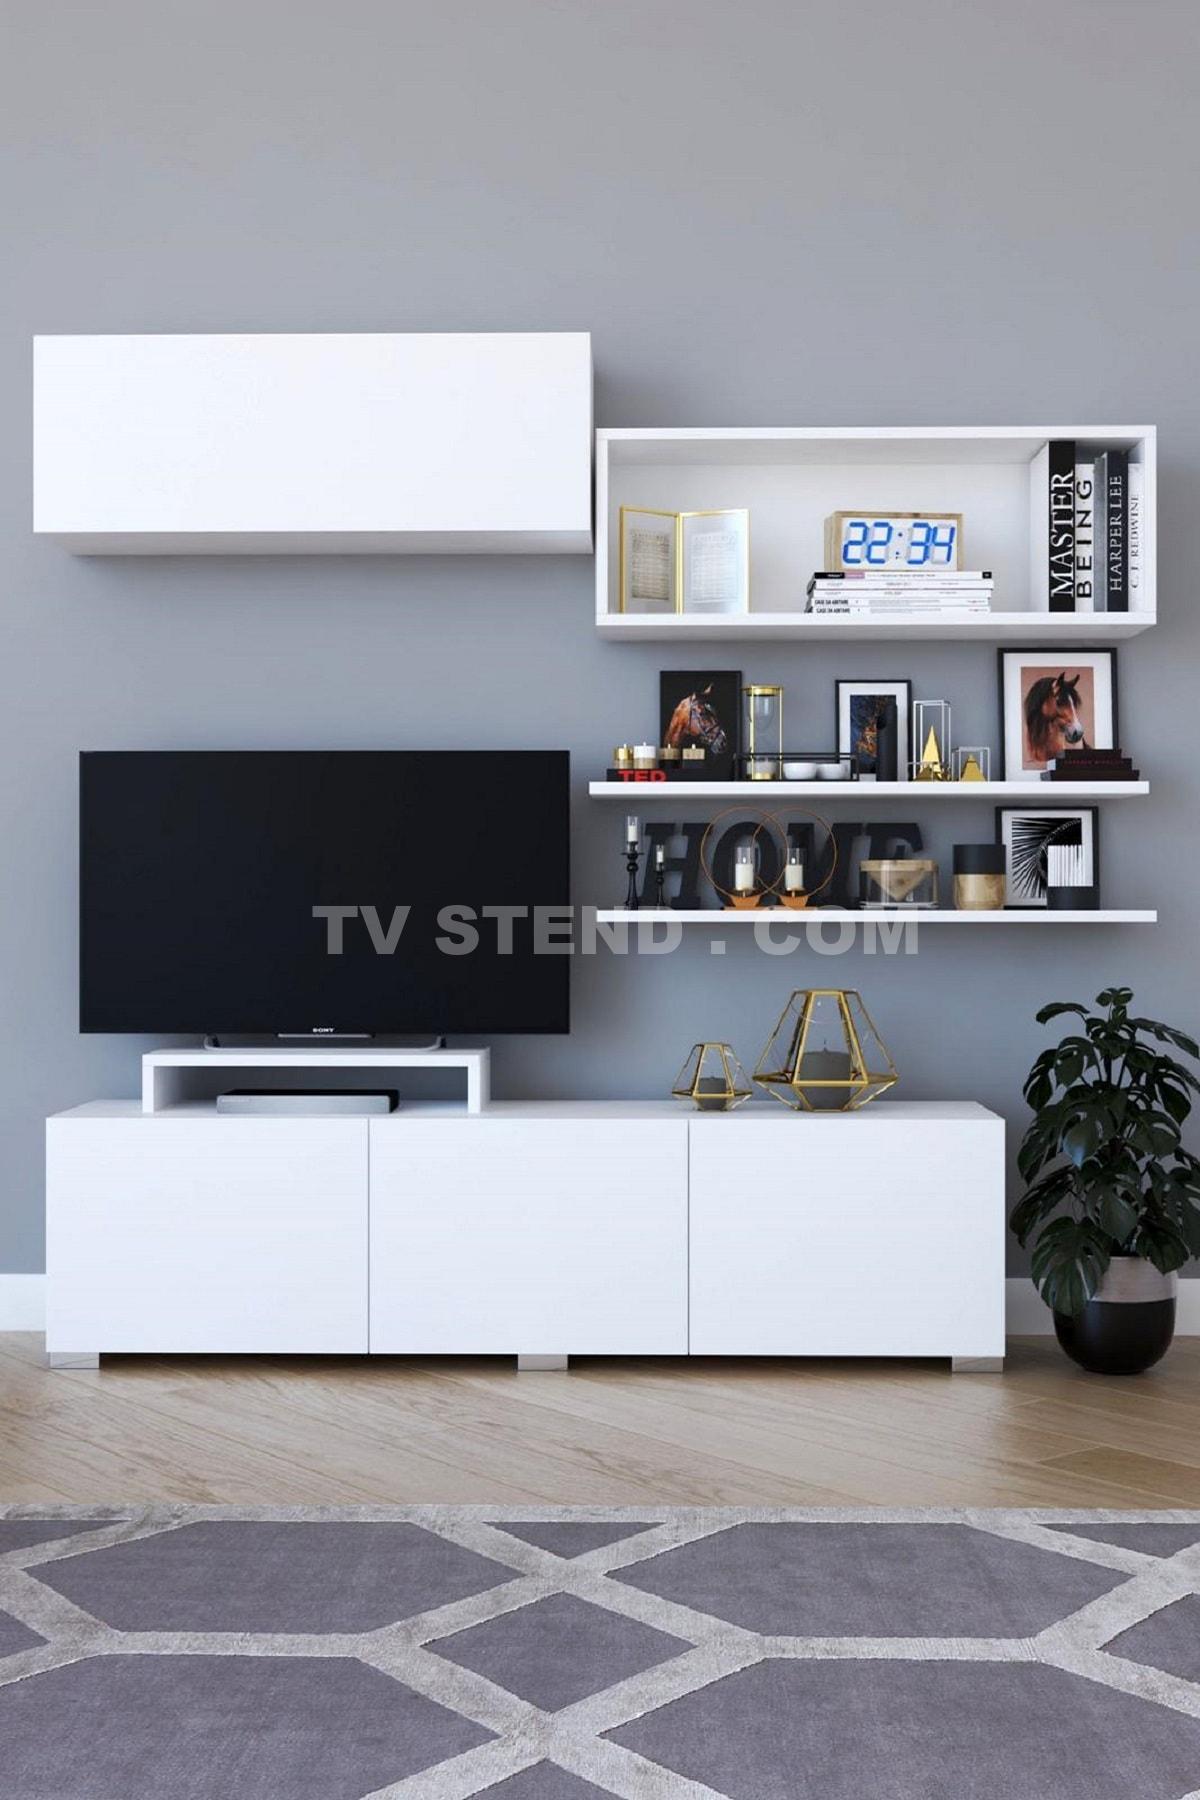 Dekor tv stend